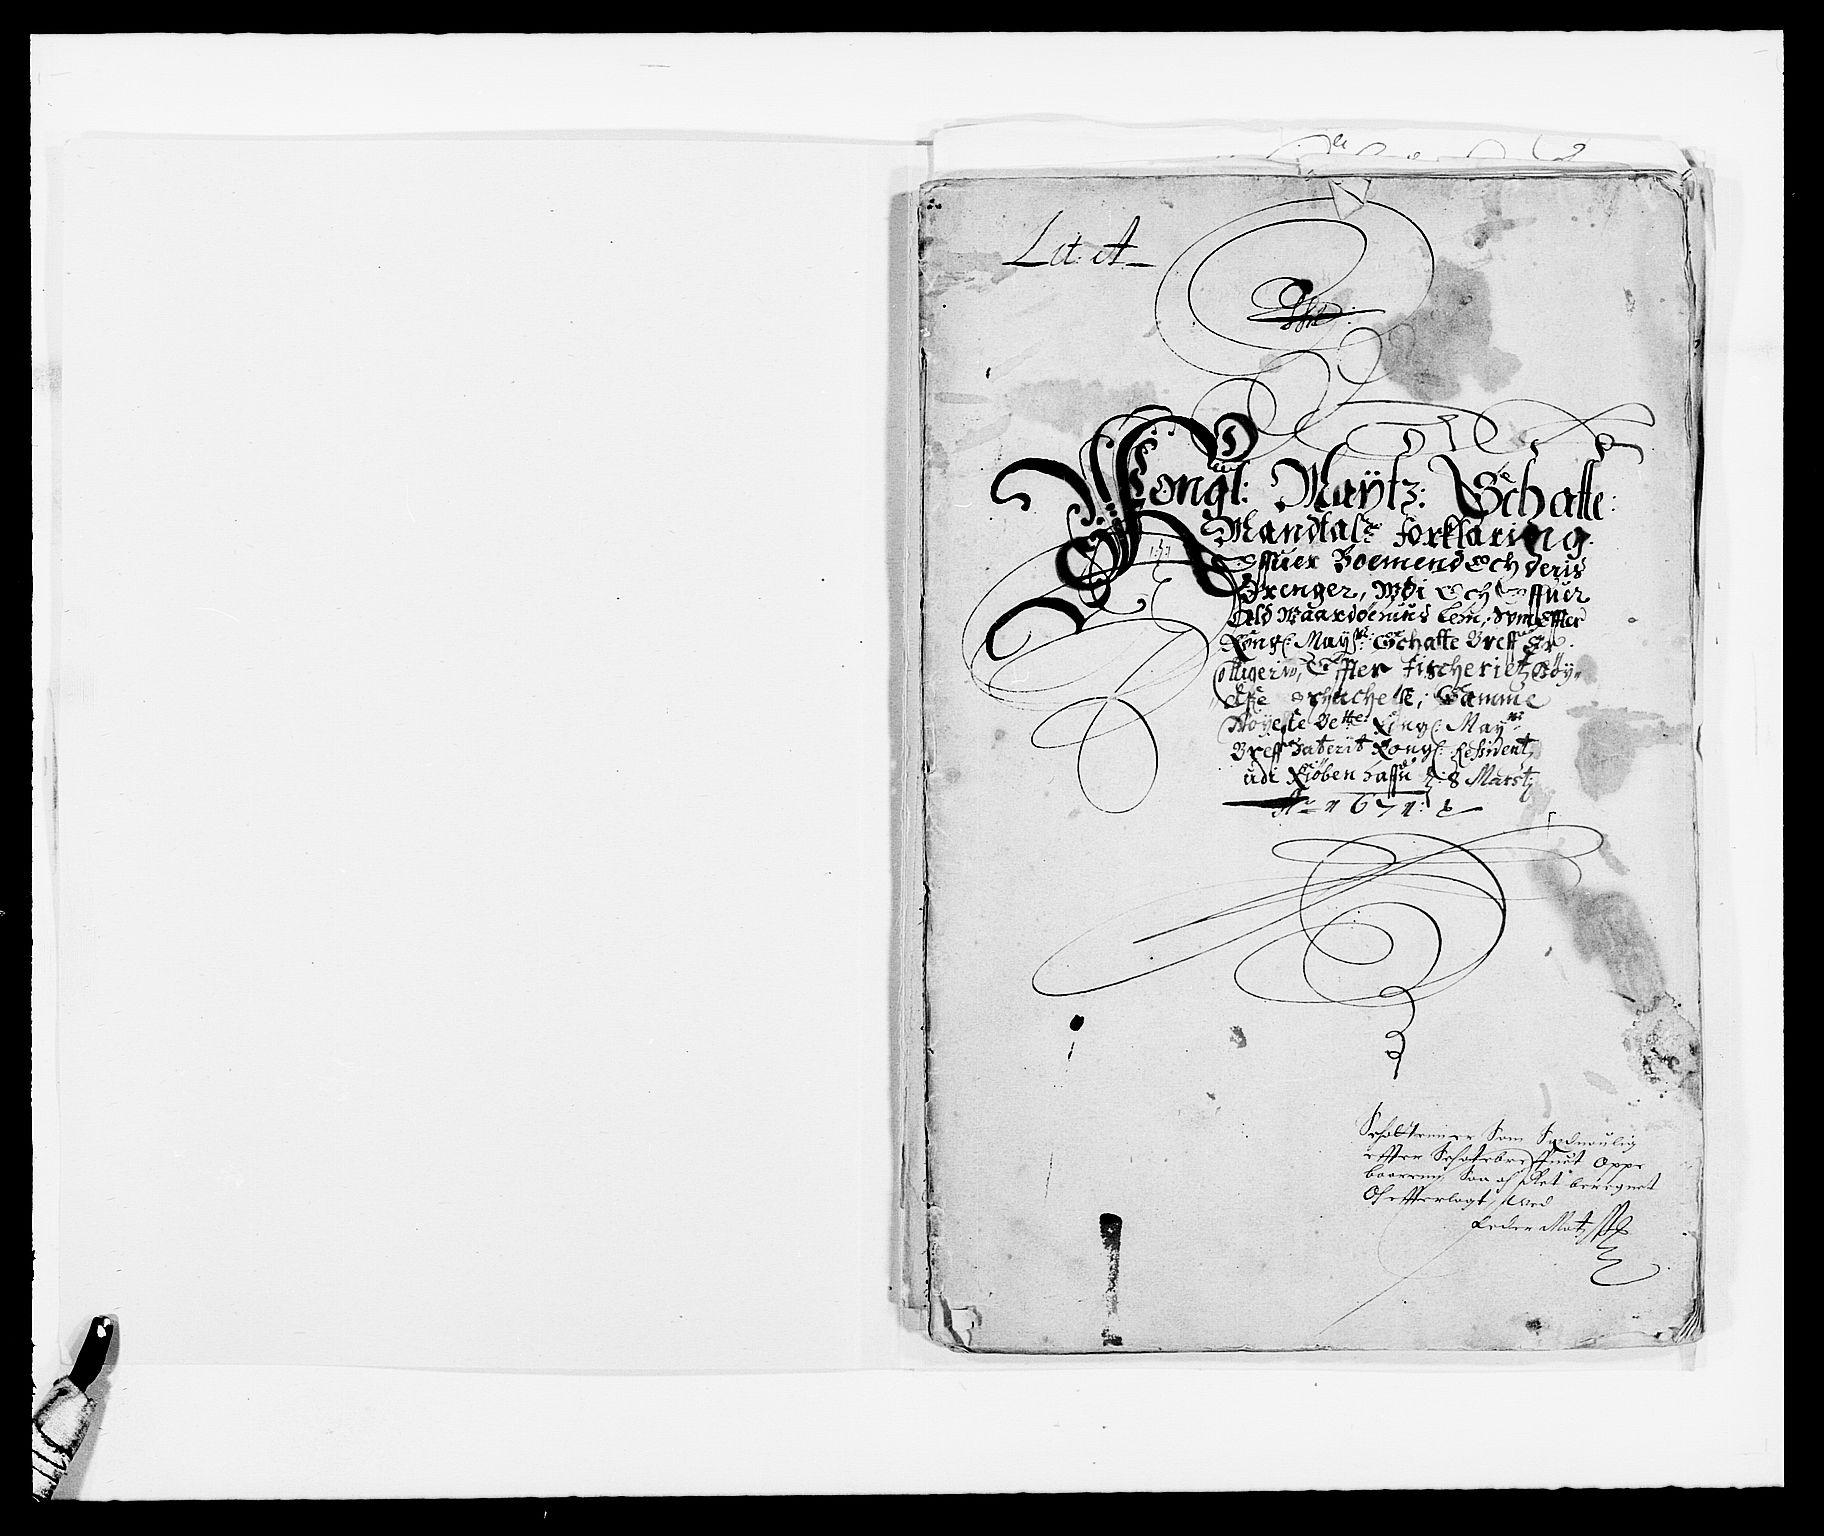 RA, Rentekammeret inntil 1814, Reviderte regnskaper, Fogderegnskap, R69/L4849: Fogderegnskap Finnmark/Vardøhus, 1661-1679, s. 222